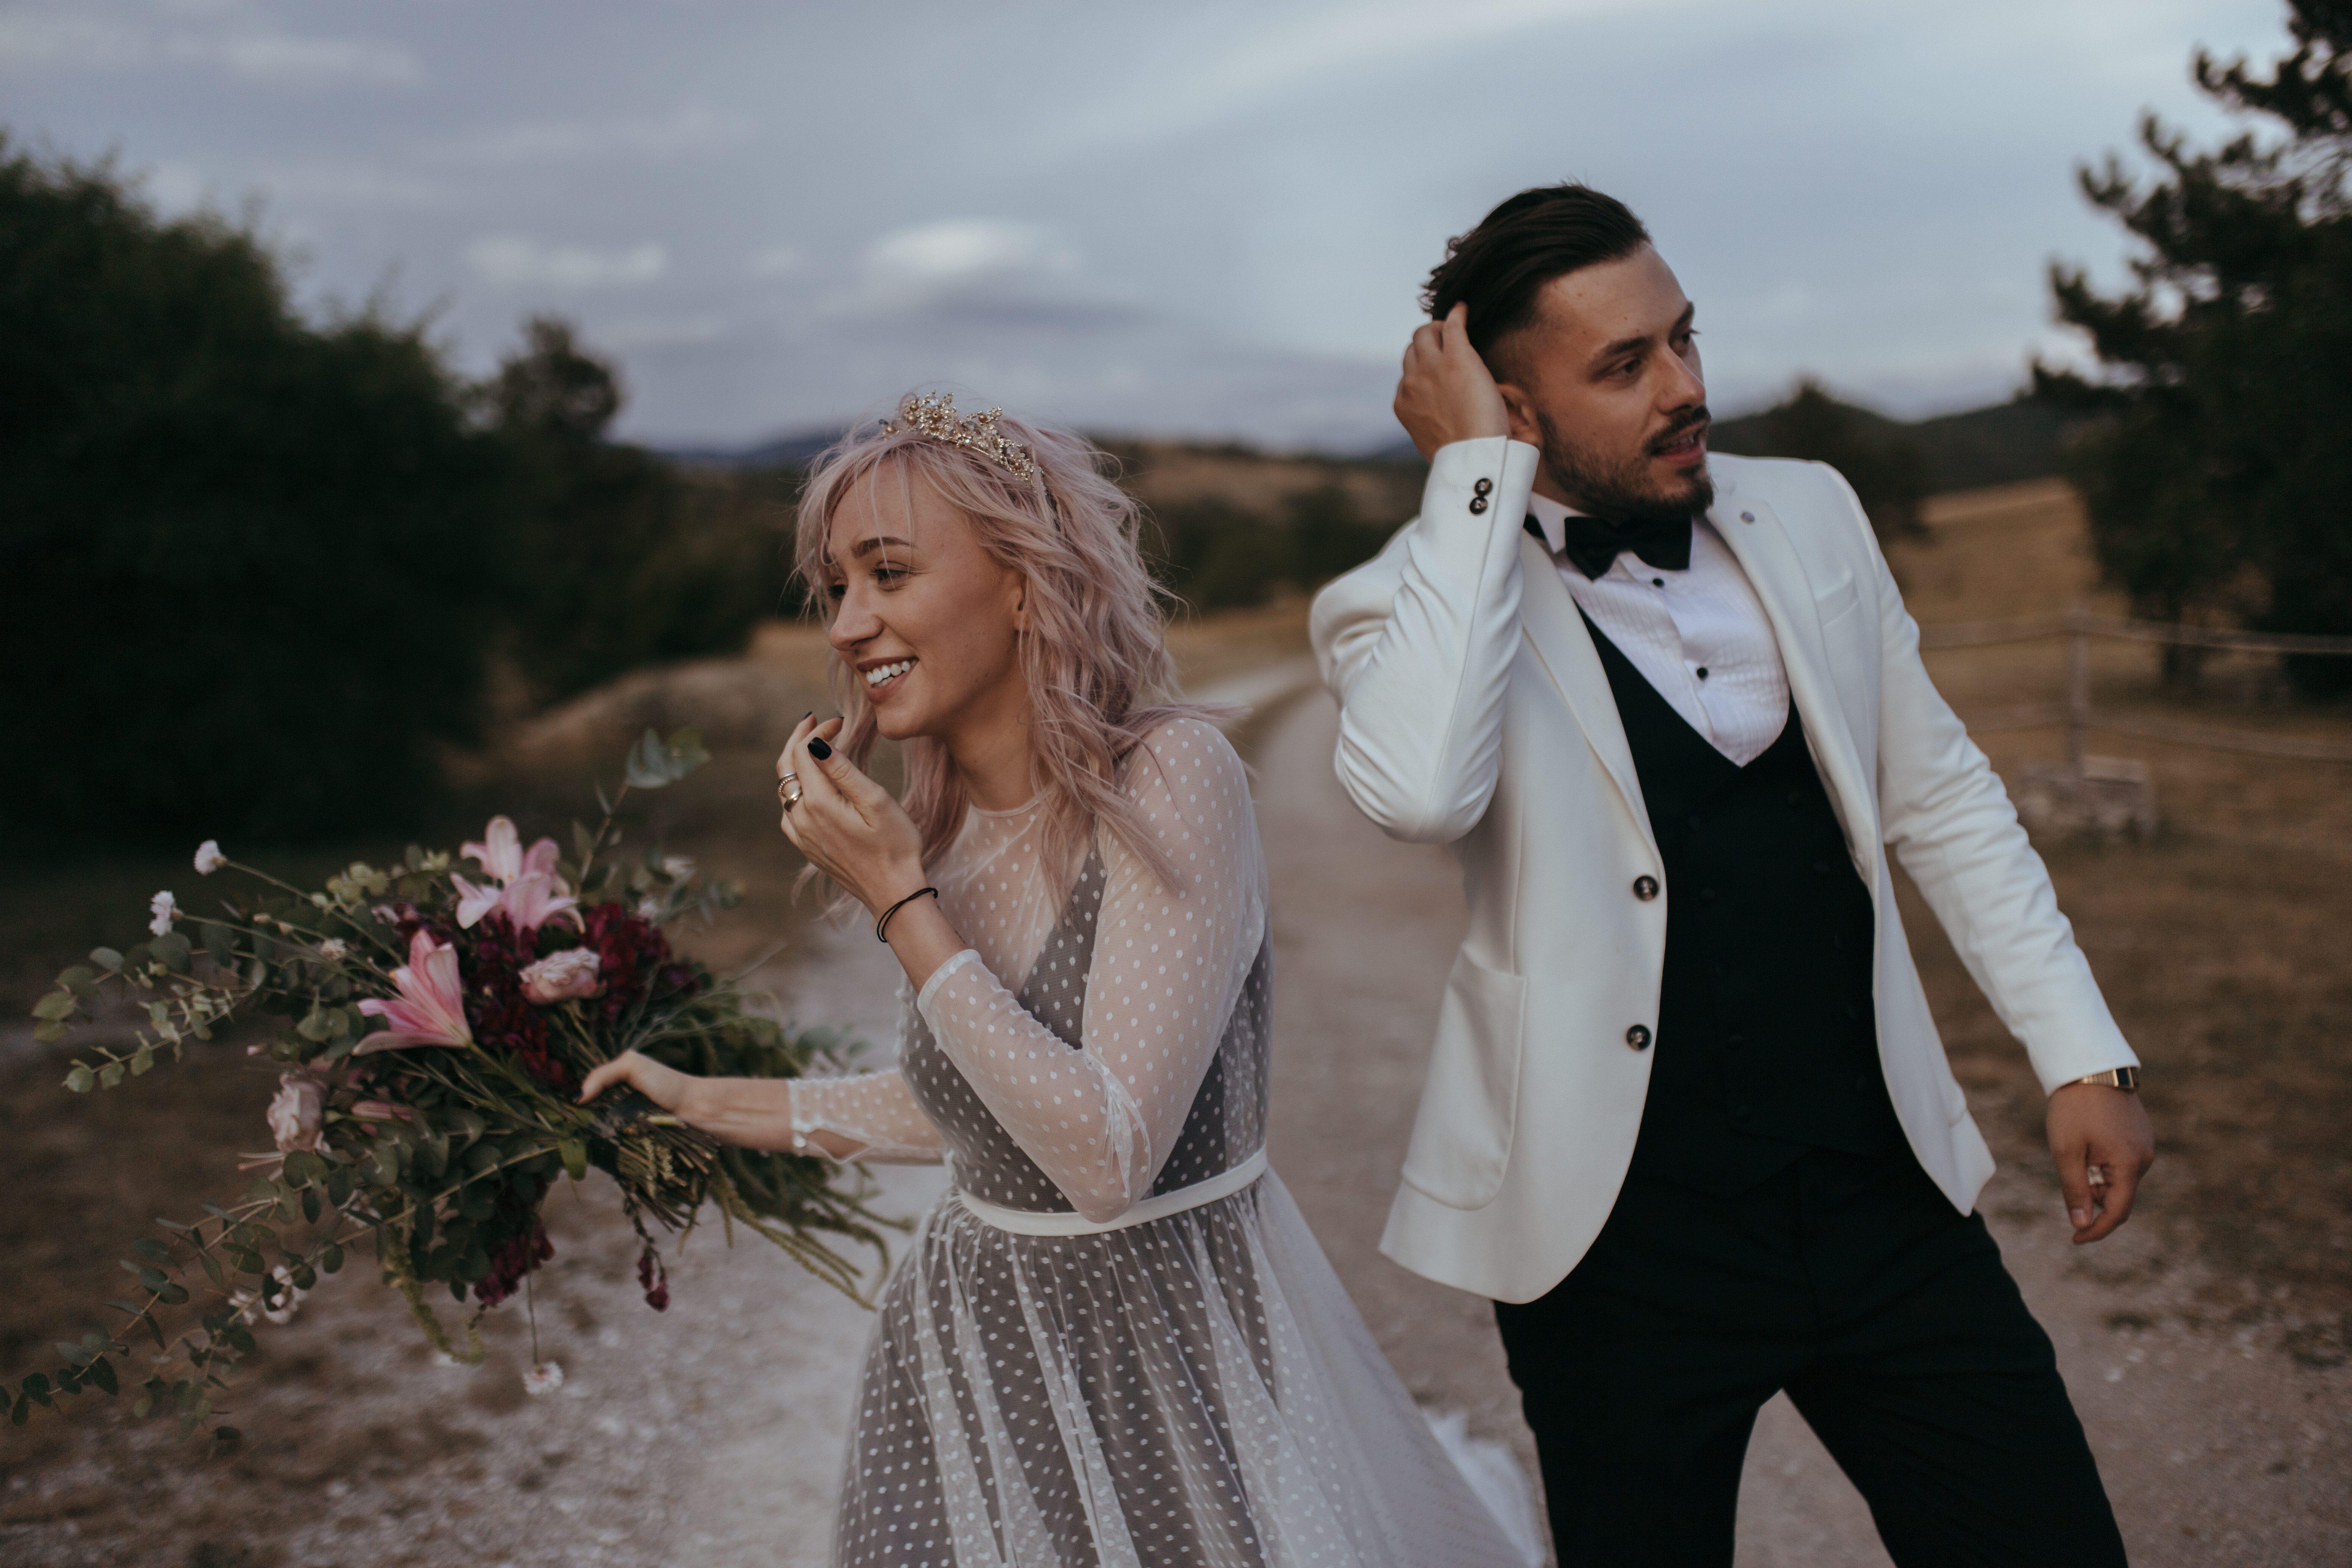 Slavonci Iva i Ivan bajkovito vjenčanje organizirali su u štali: 'Danas se više ništa ne mora raditi po nekakvim pravilima'